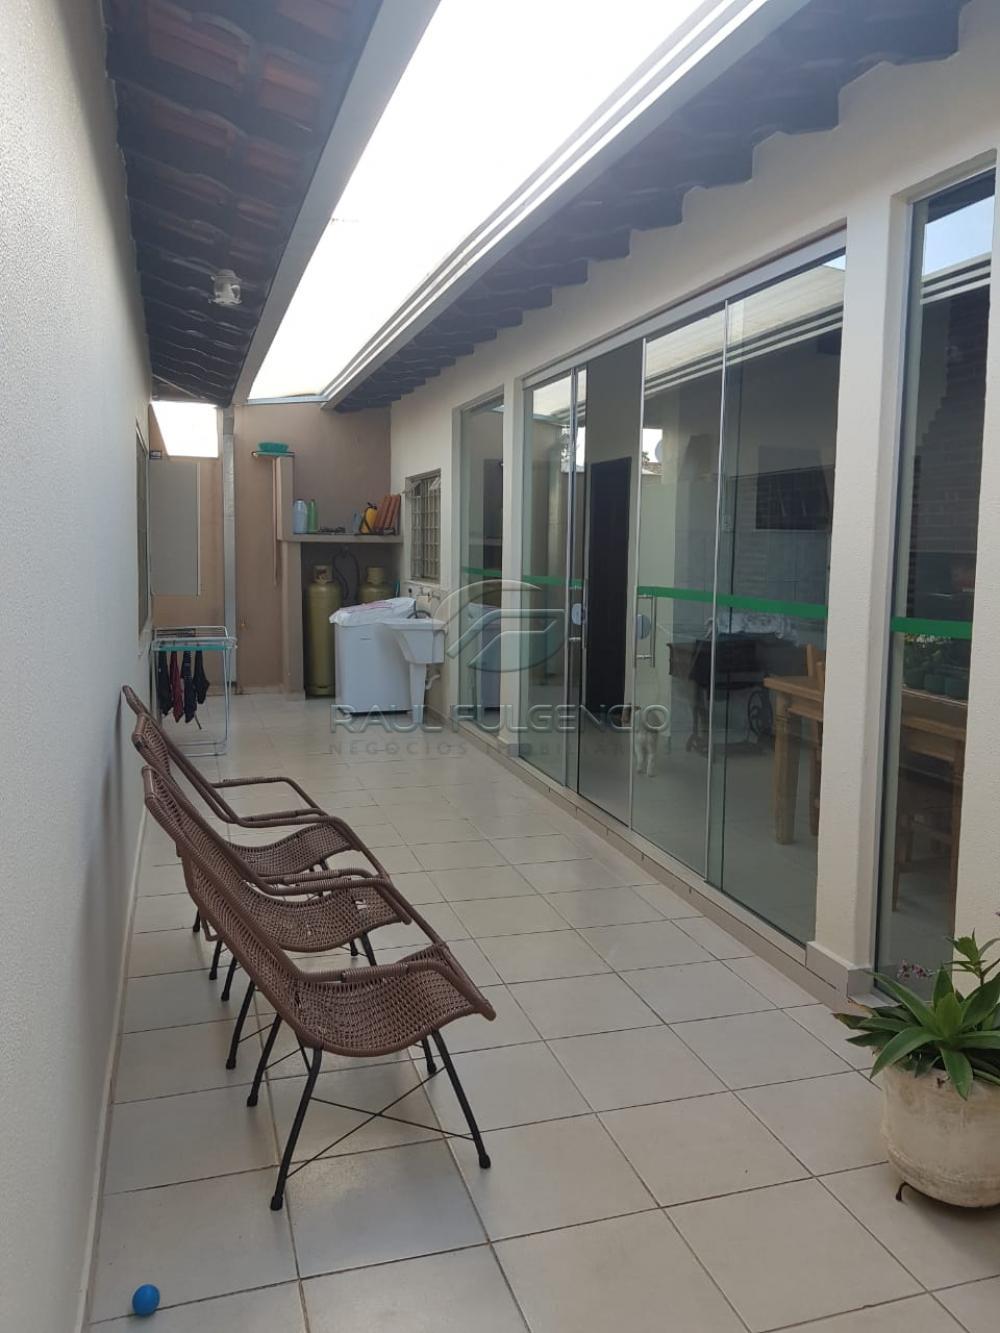 Comprar Casa / Térrea em Londrina apenas R$ 595.000,00 - Foto 17